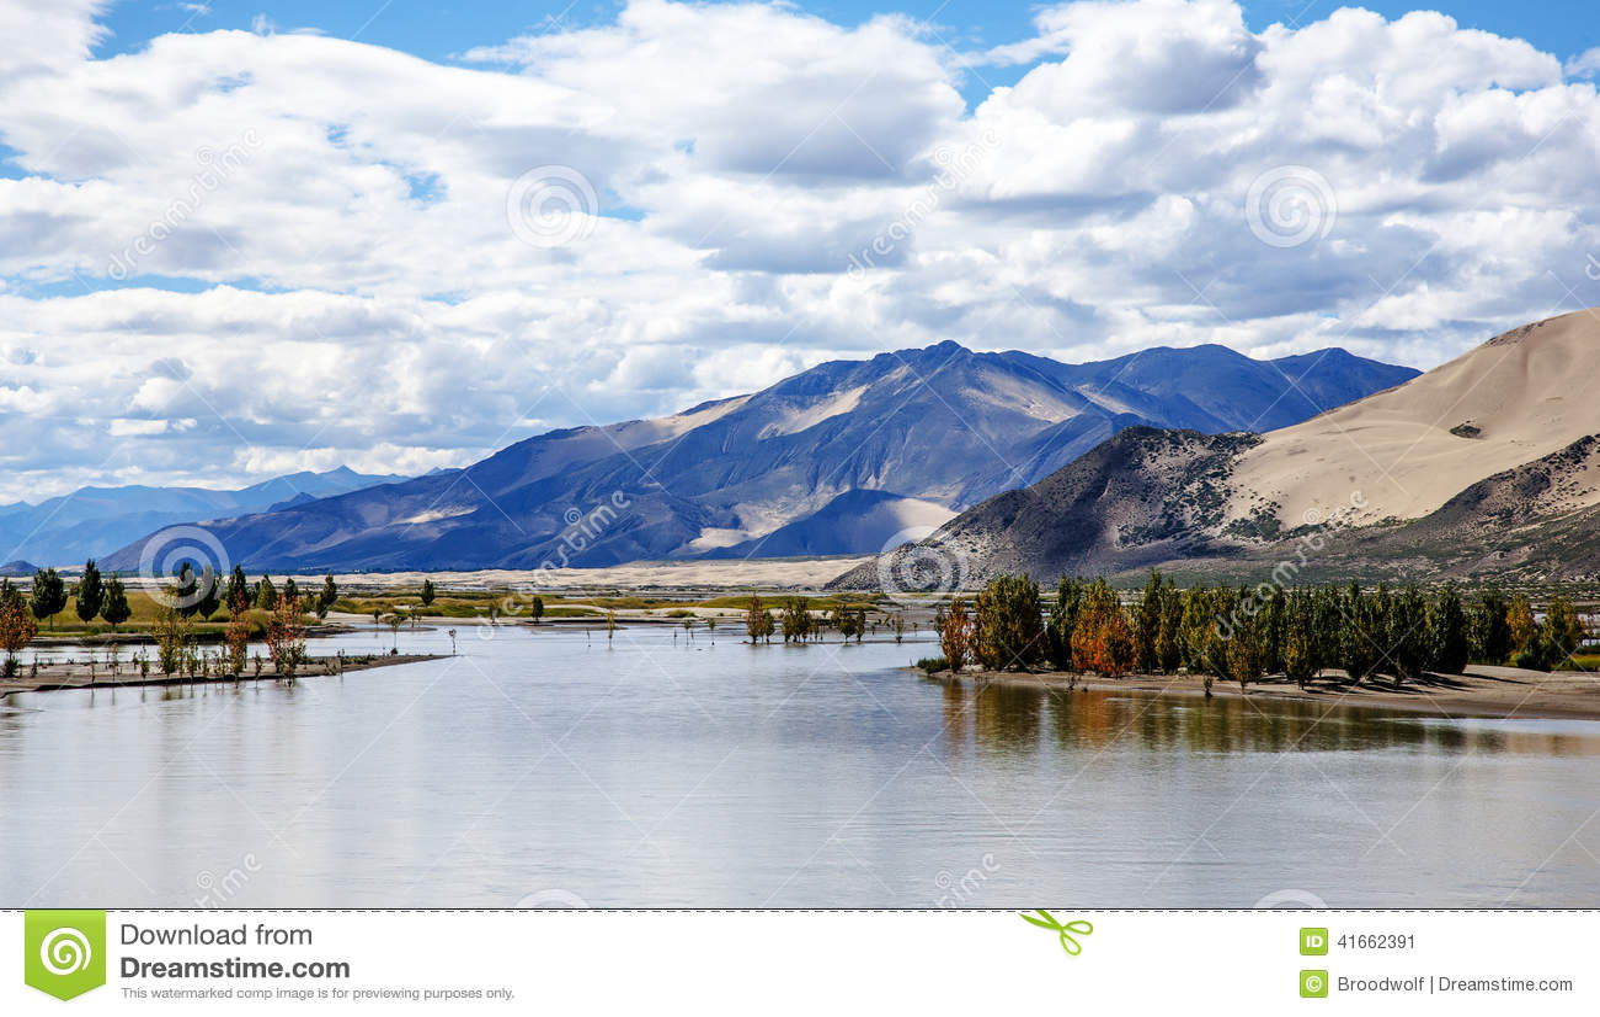 Красивый пейзаж тибетского плато